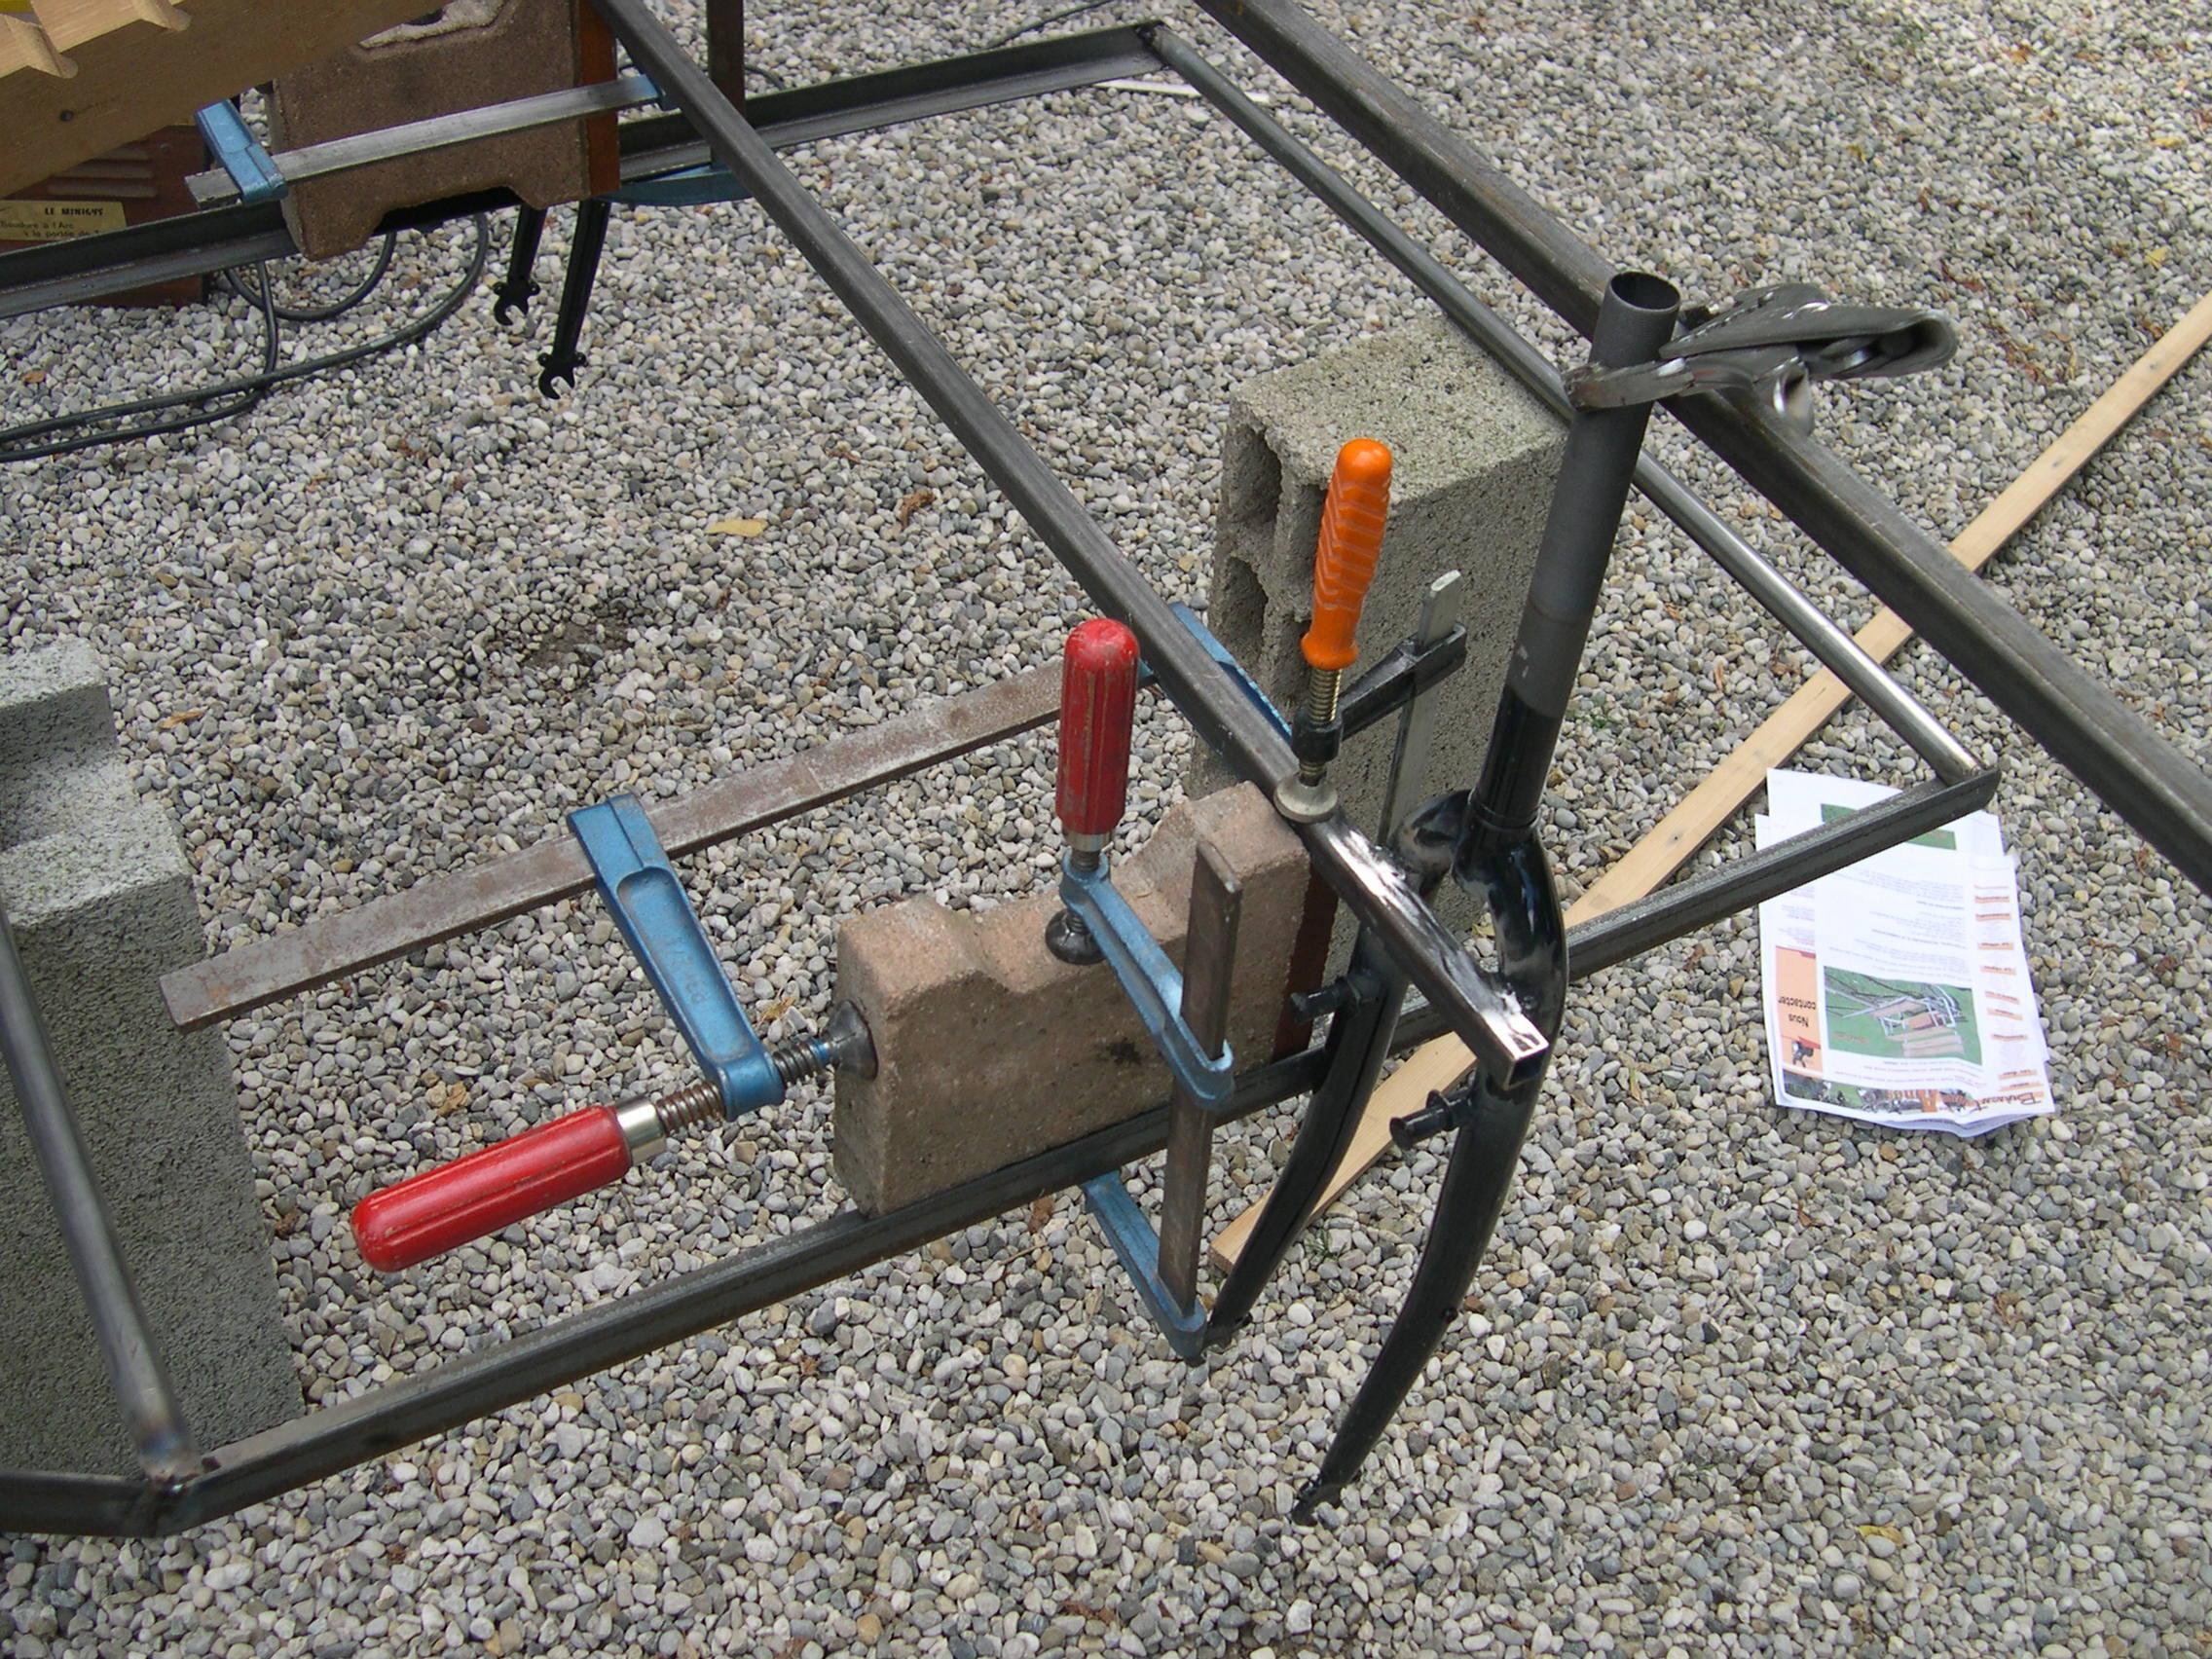 fabrication d une charrette pour anes